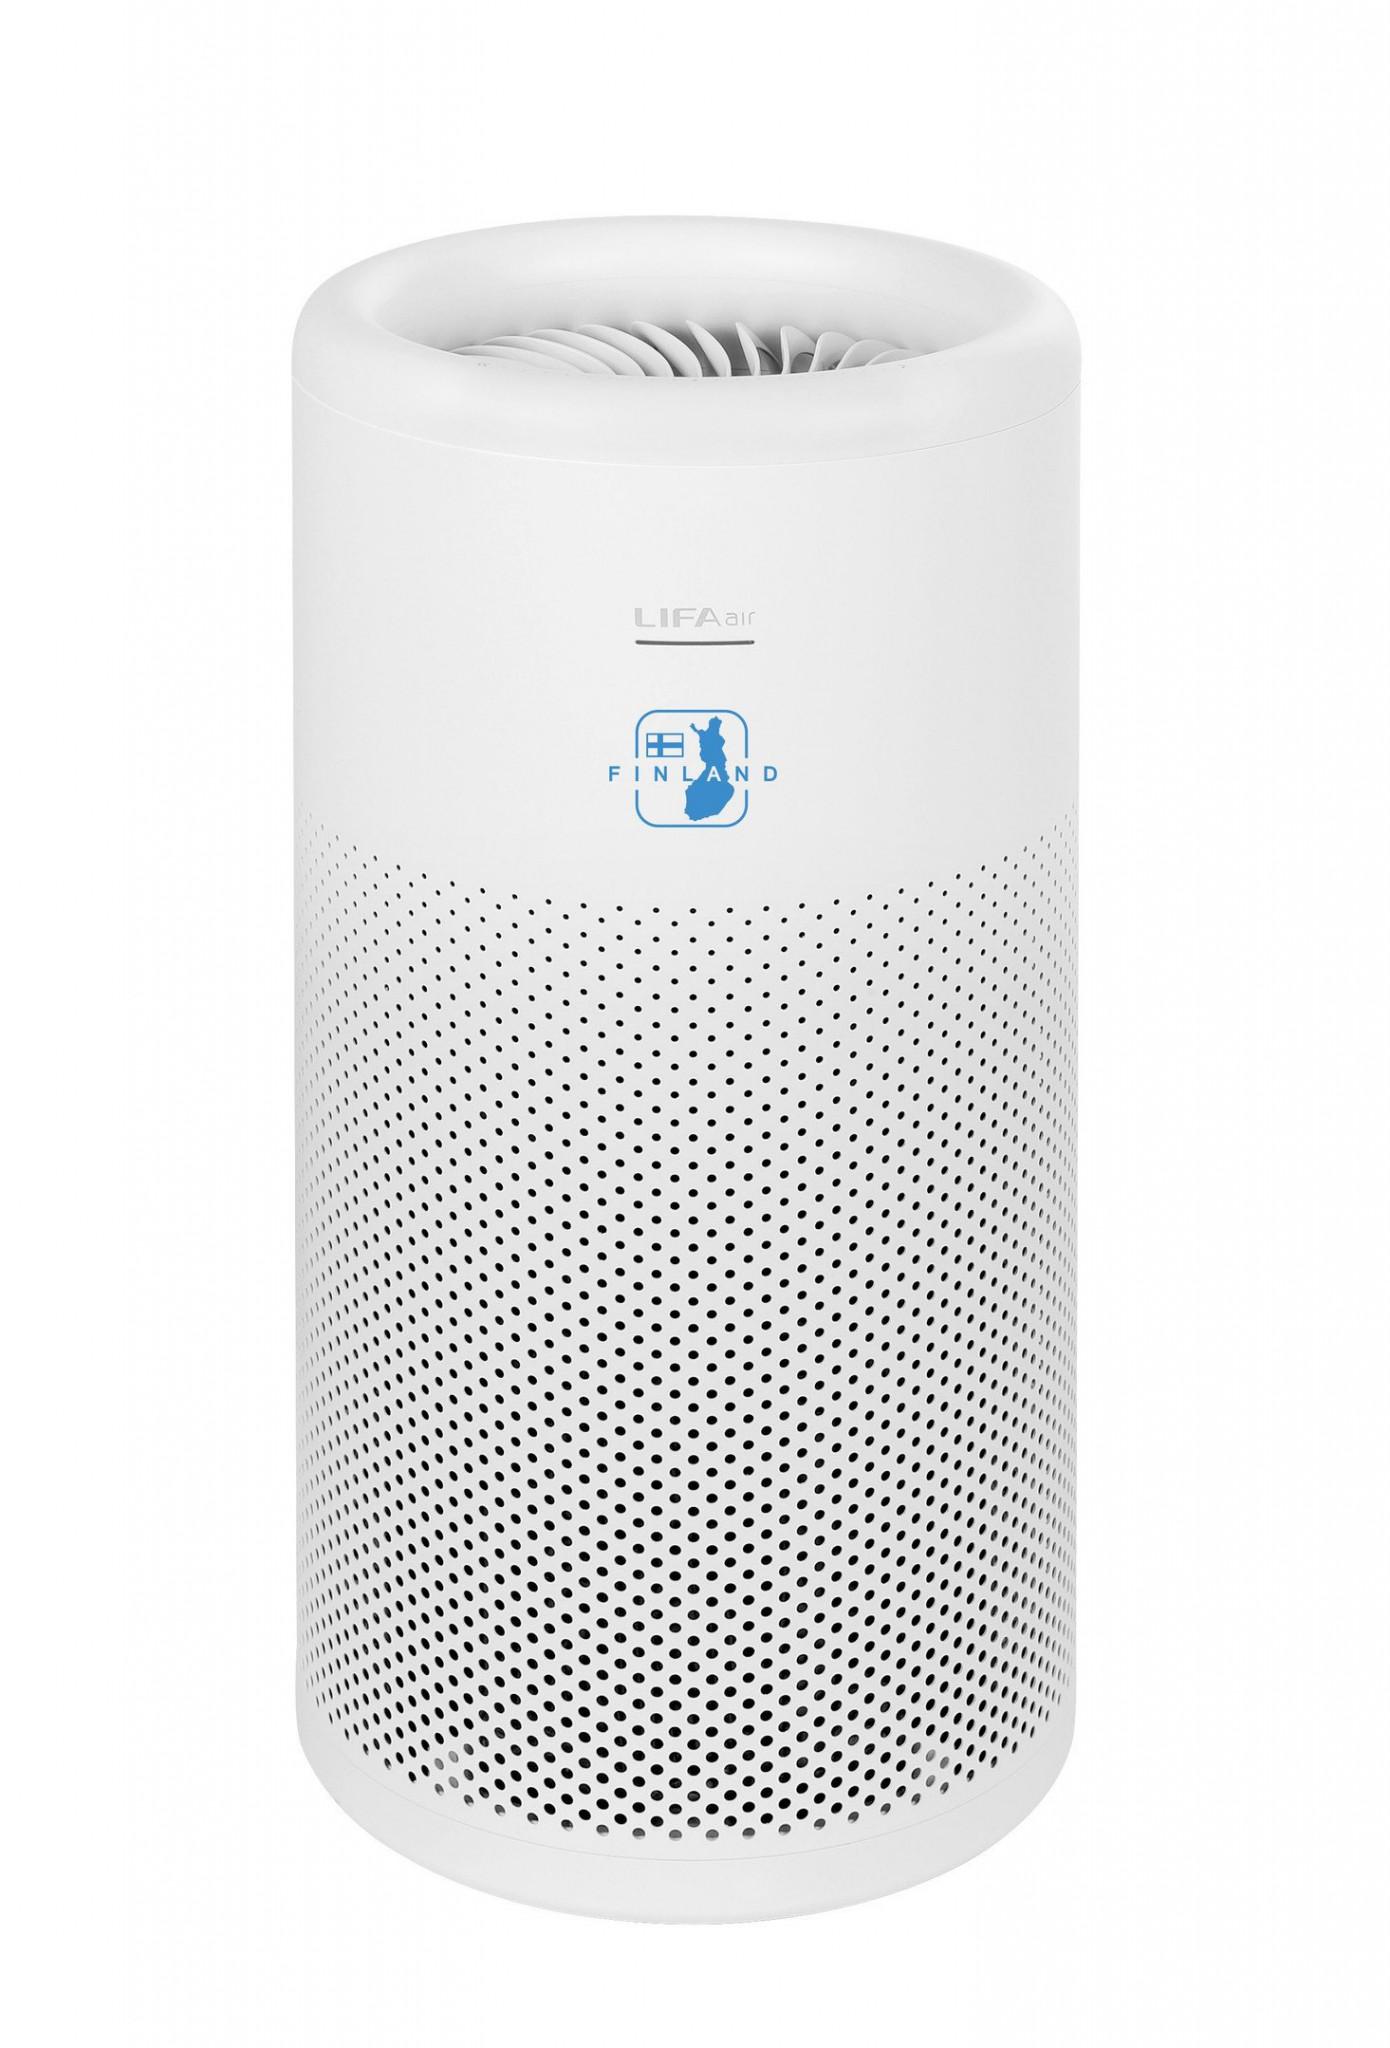 Oczyszczacz powietrza LIFAair LA352